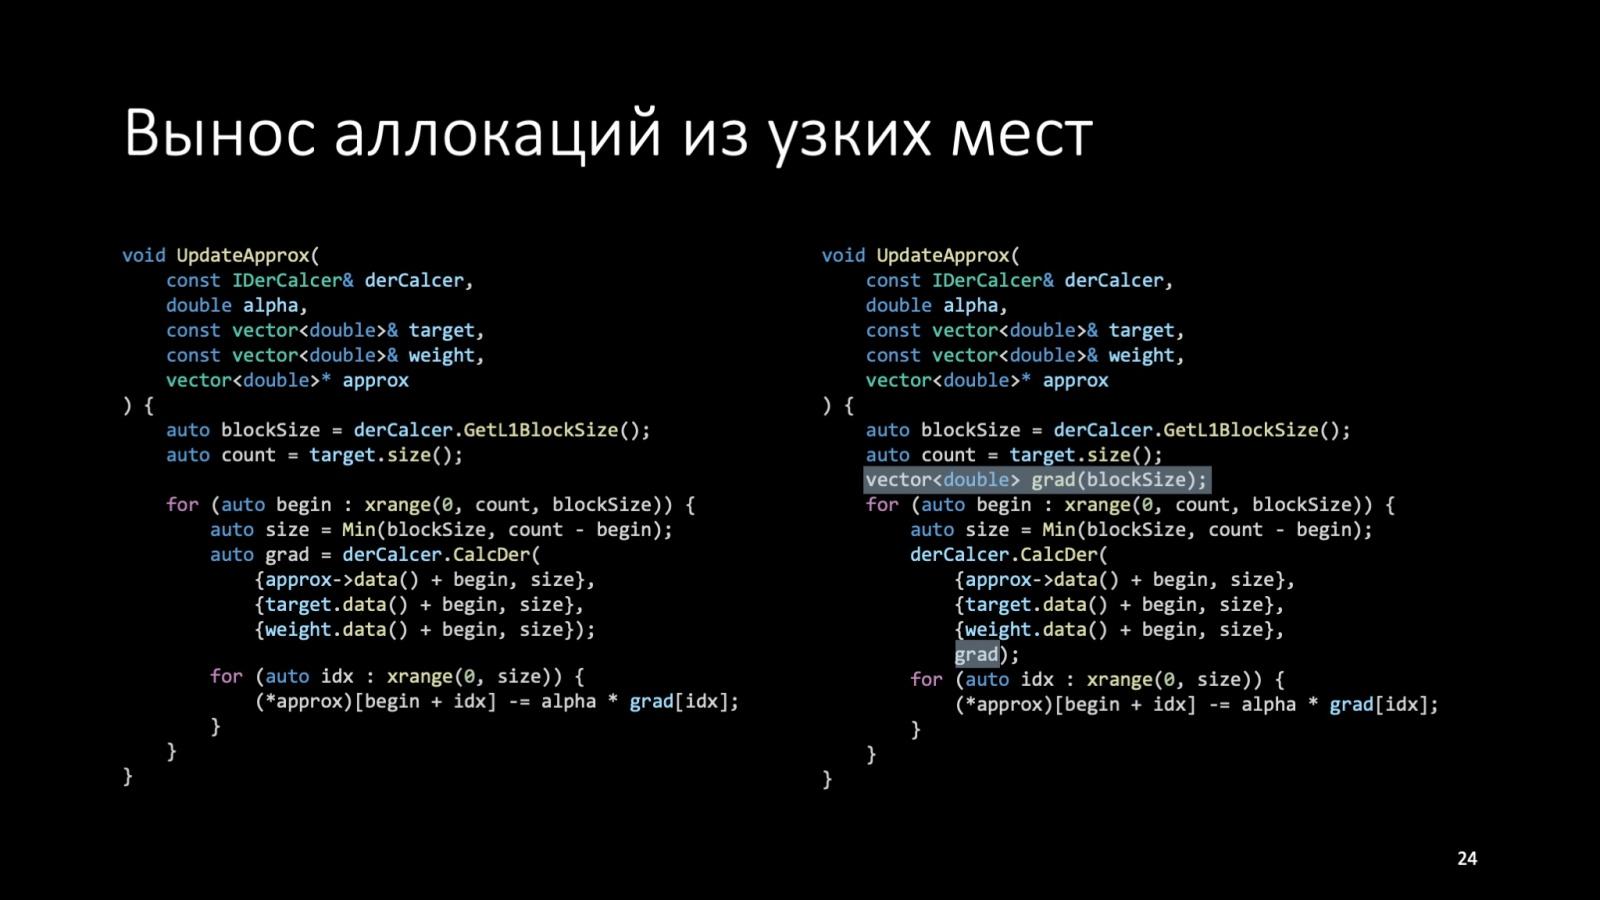 Оптимизация C++: совмещаем скорость и высокий уровень. Доклад Яндекса - 24